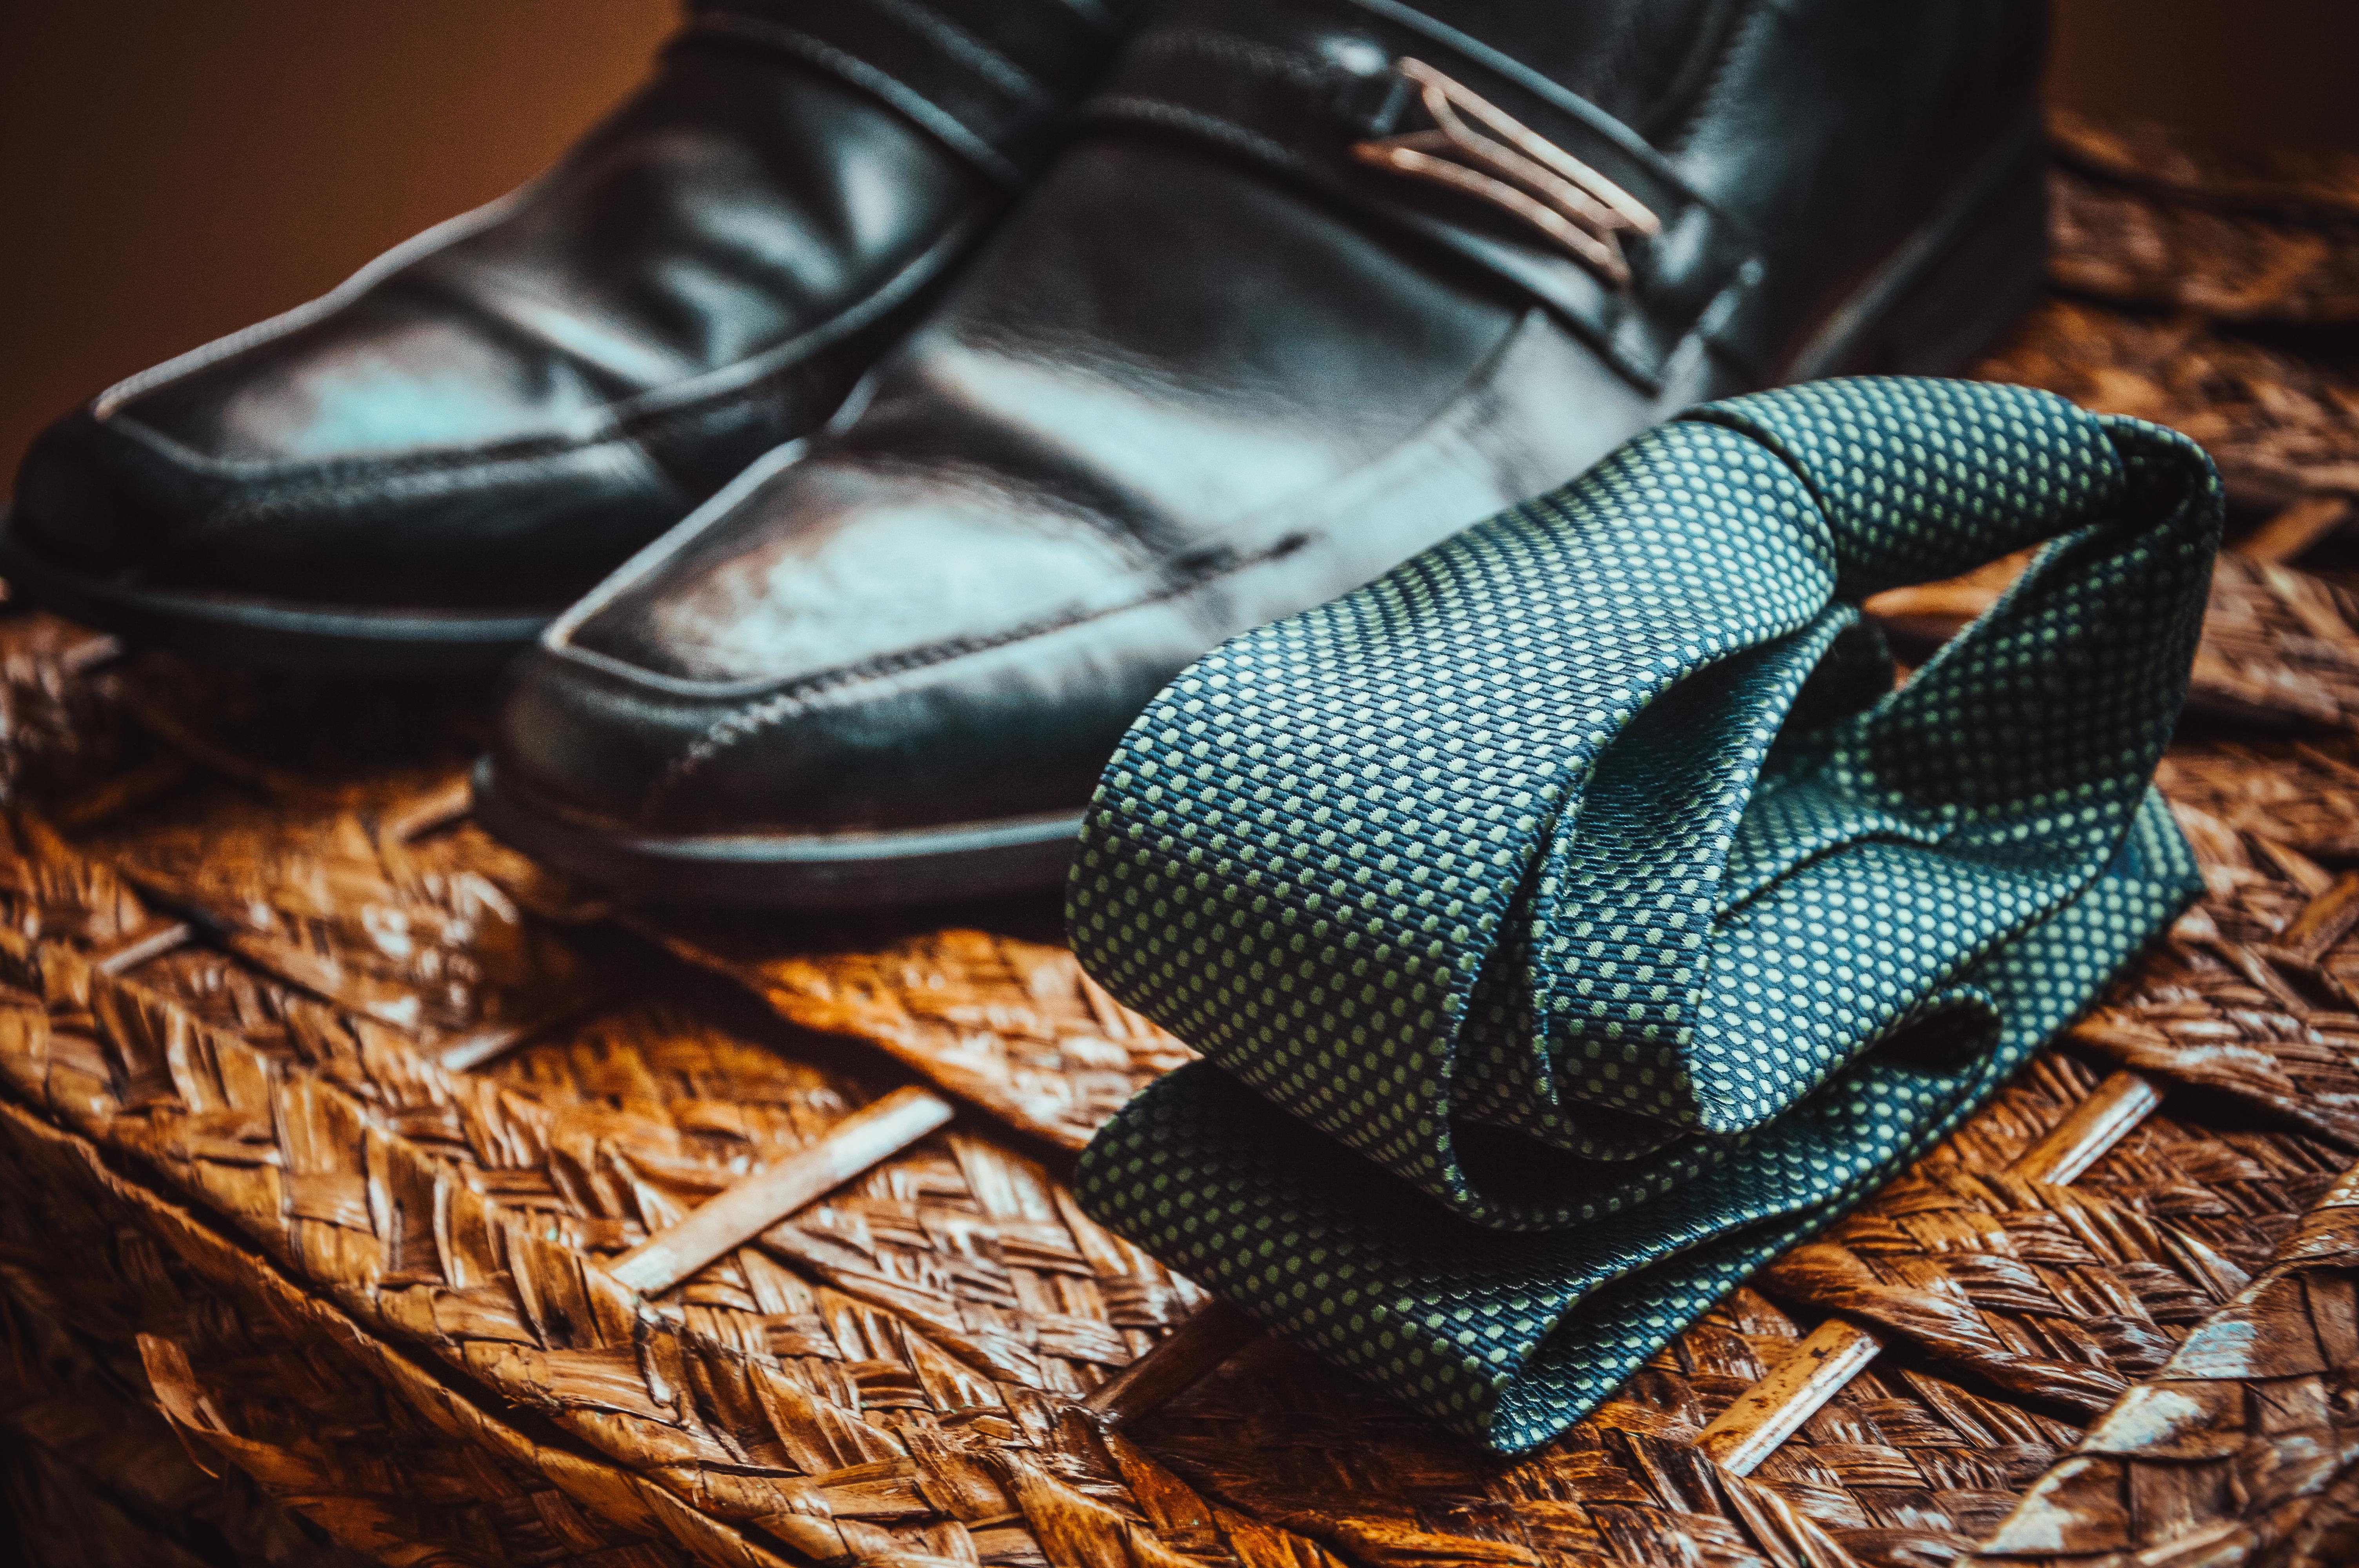 Free Images : man, suit, shoe, vintage, travel, leg, tie, fashion ...